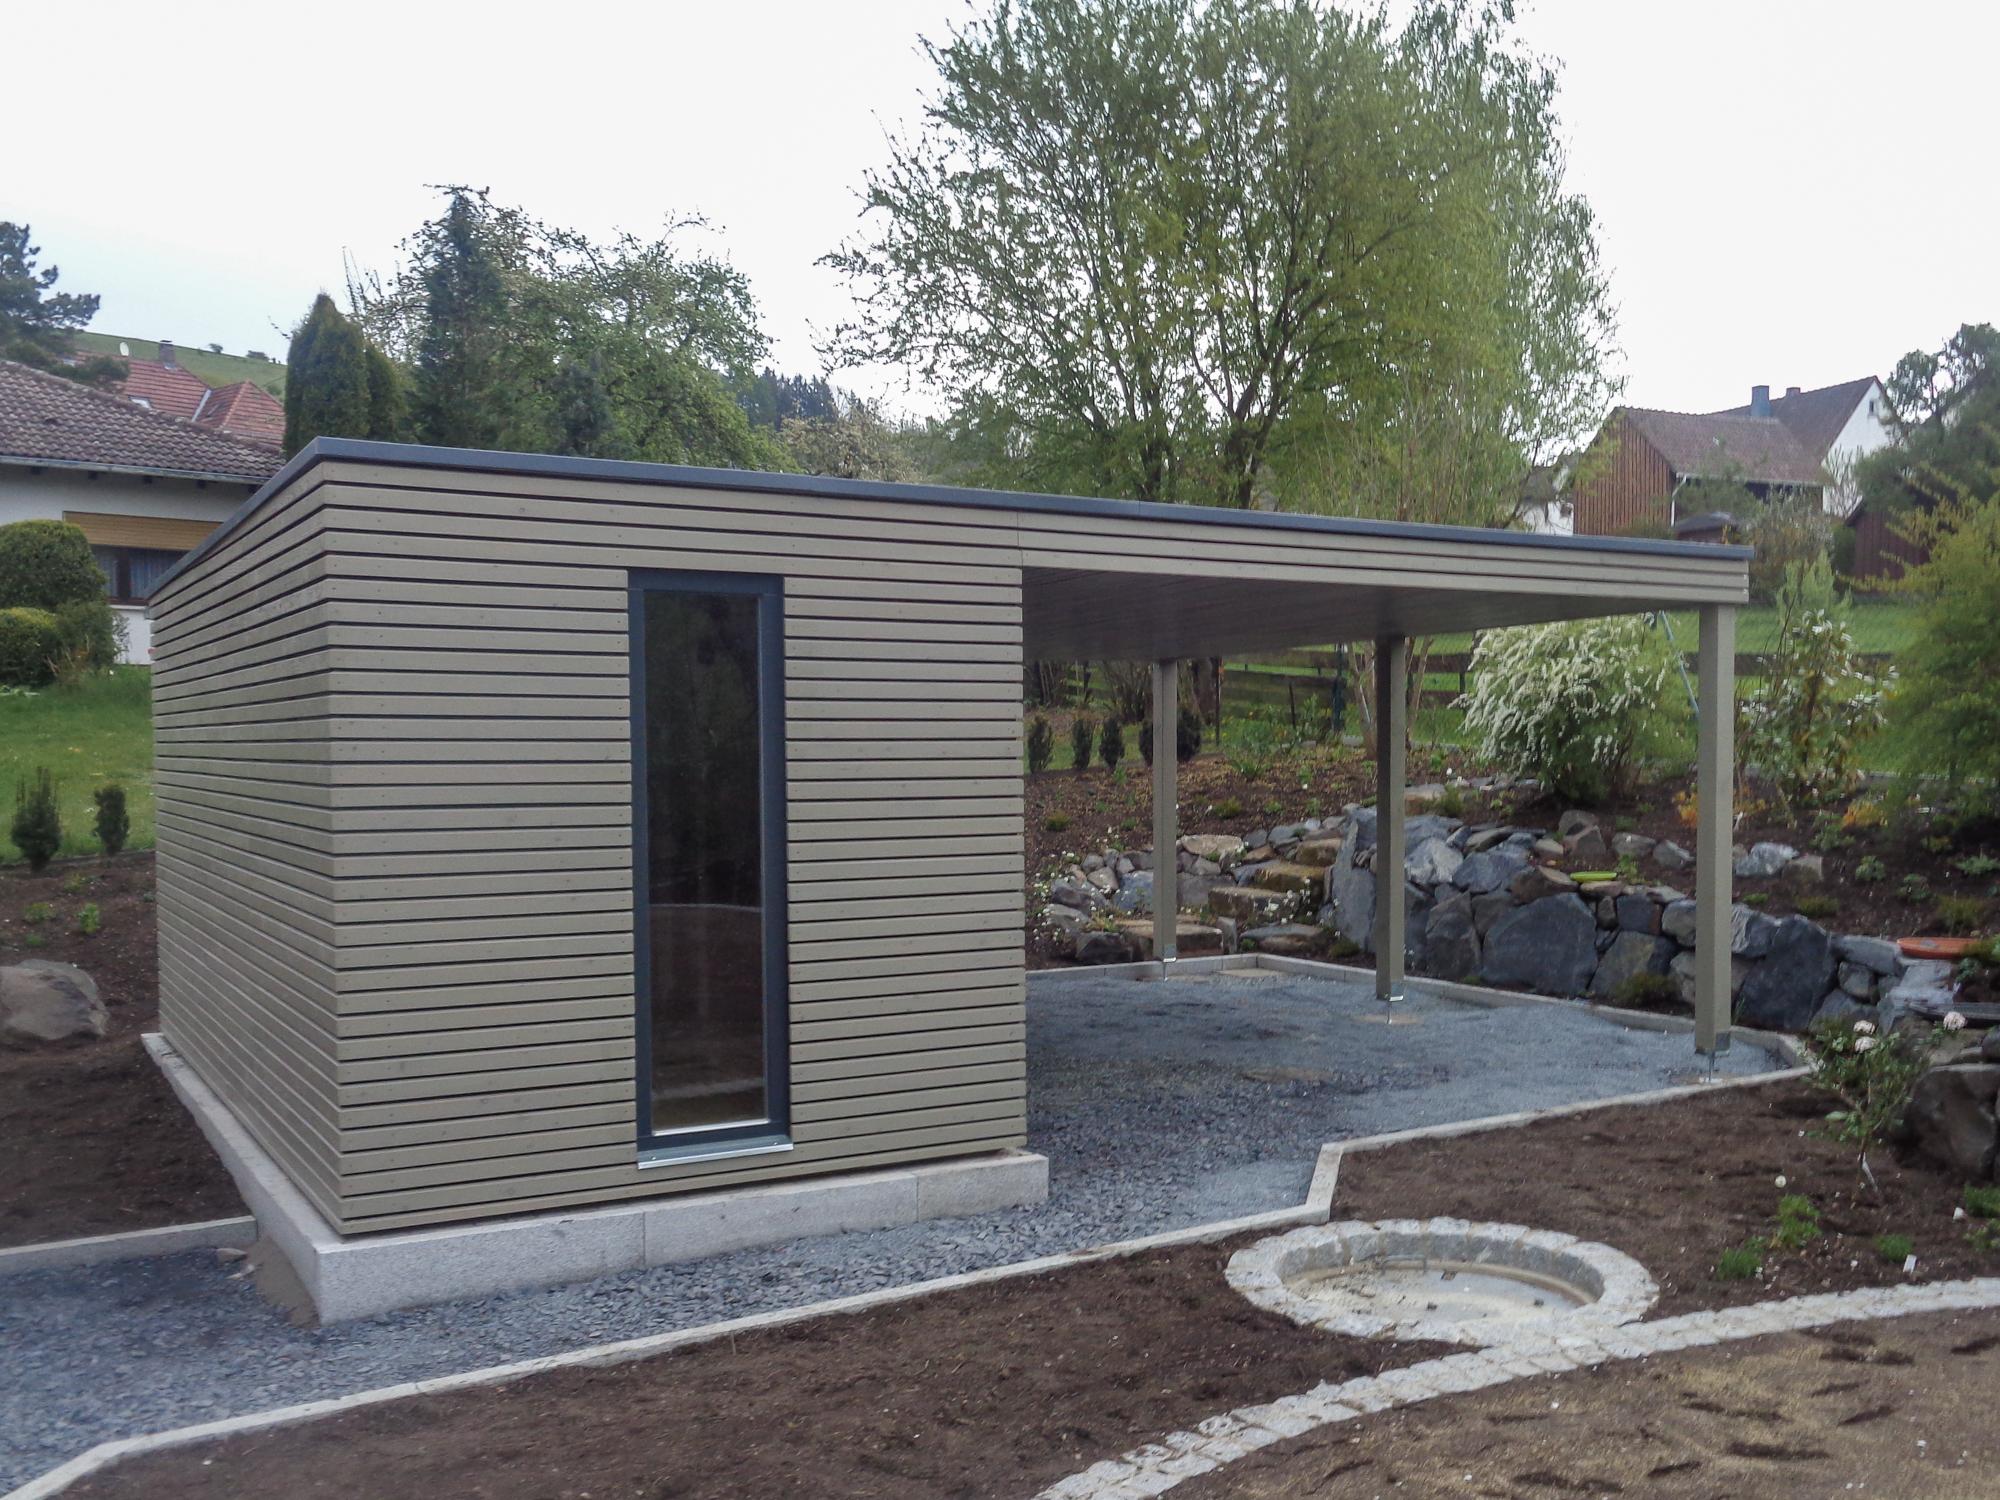 Gartenhaus 5x2,5 m + Vordach - Rödental - Referenzen NATURHOUSE ...